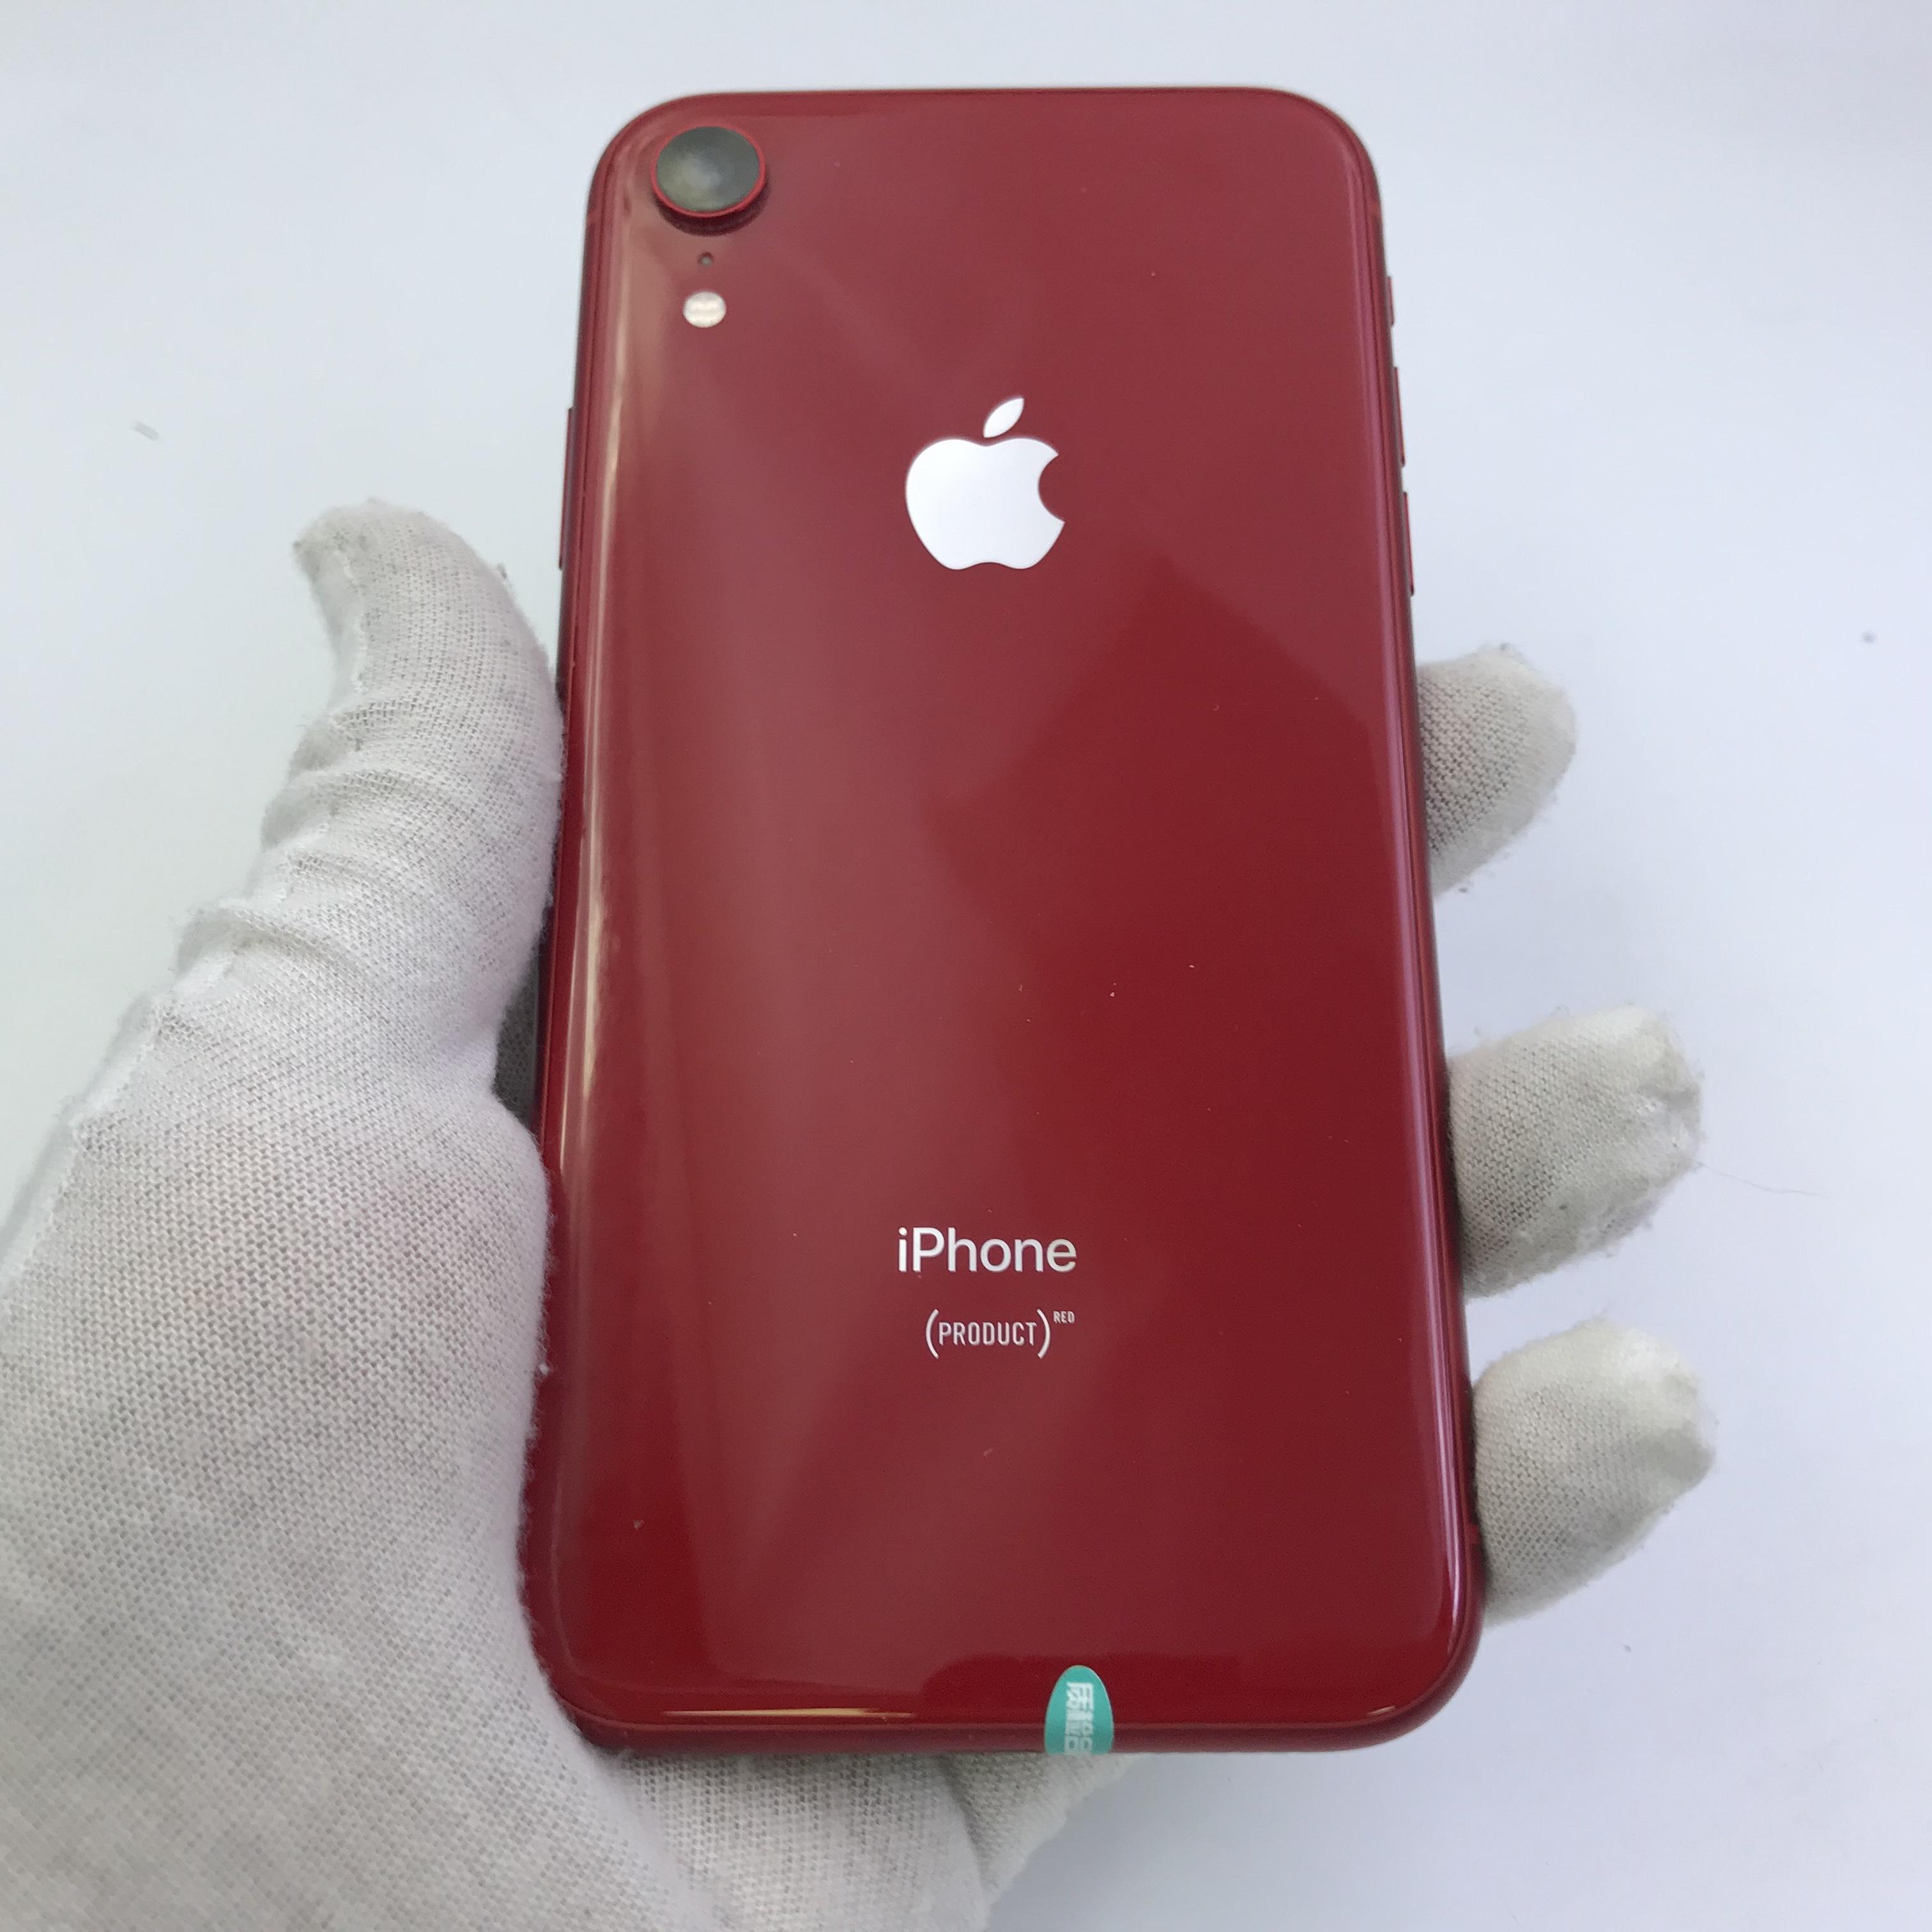 苹果【iPhone XR】移动 4G/3G/2G 红色 128G 国行 95新